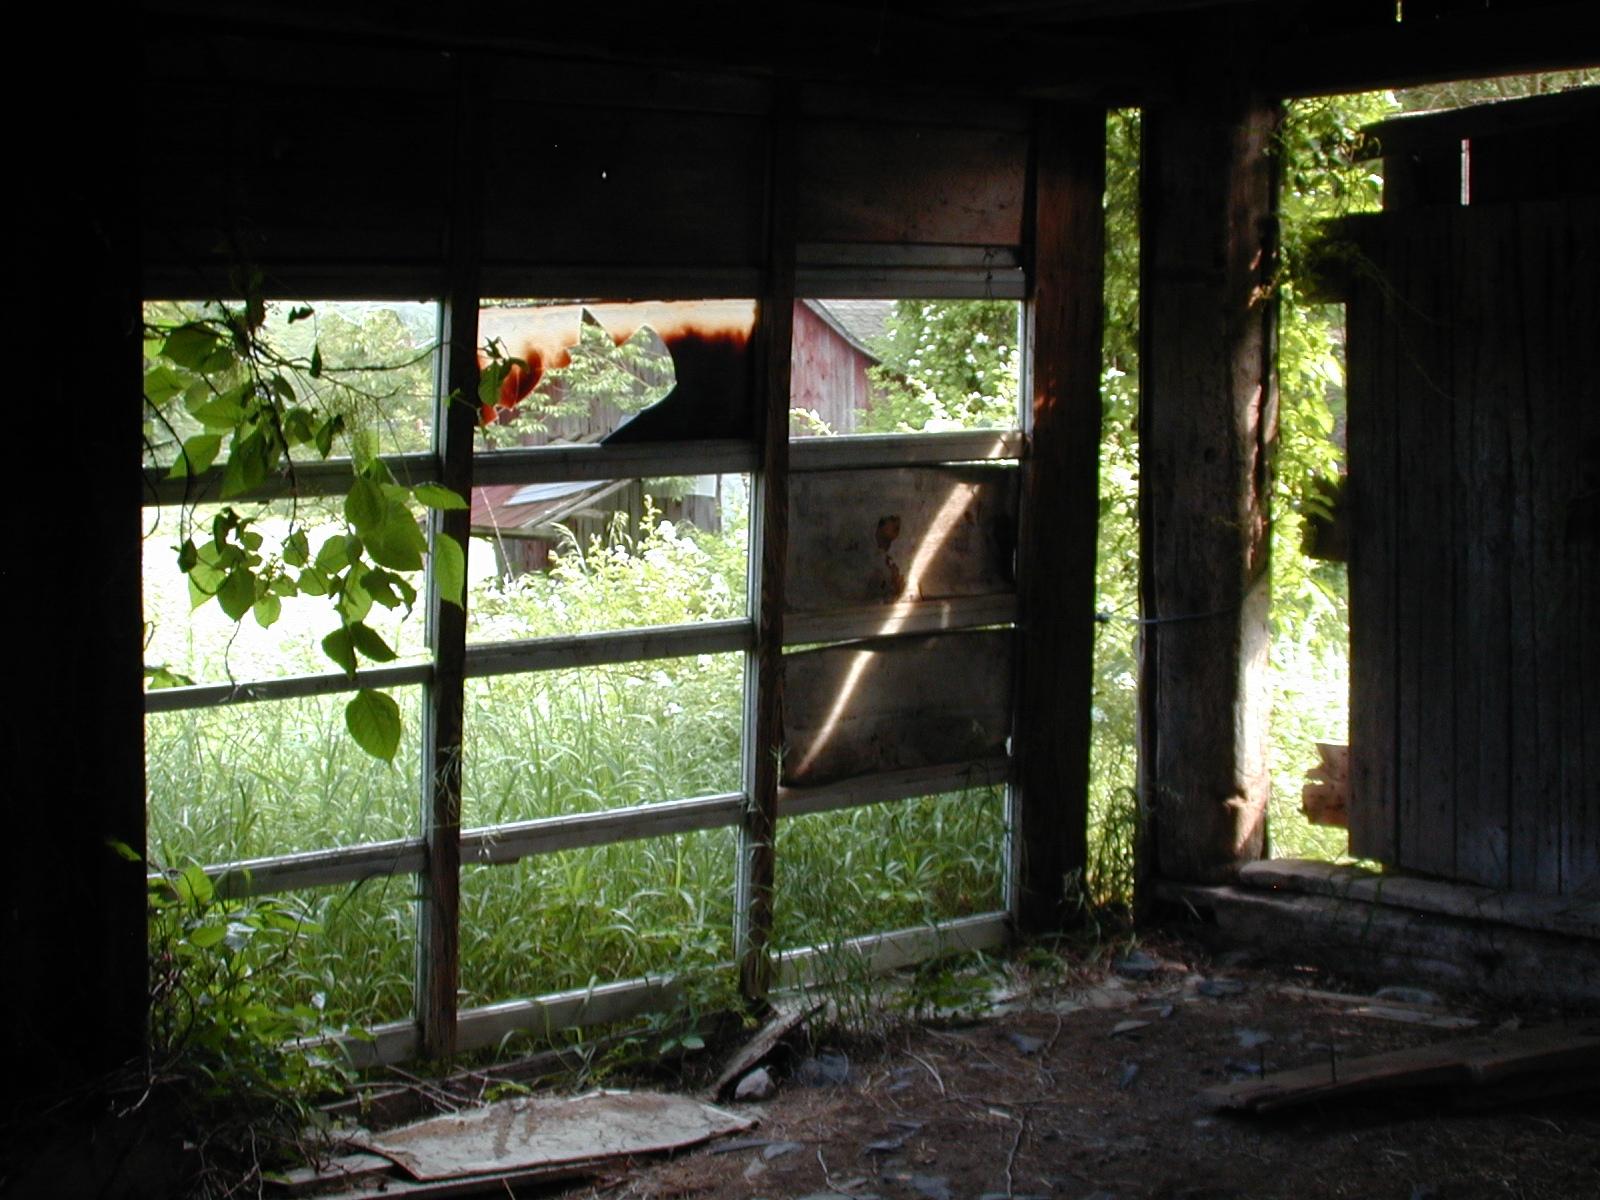 Third unknown house, barn interior